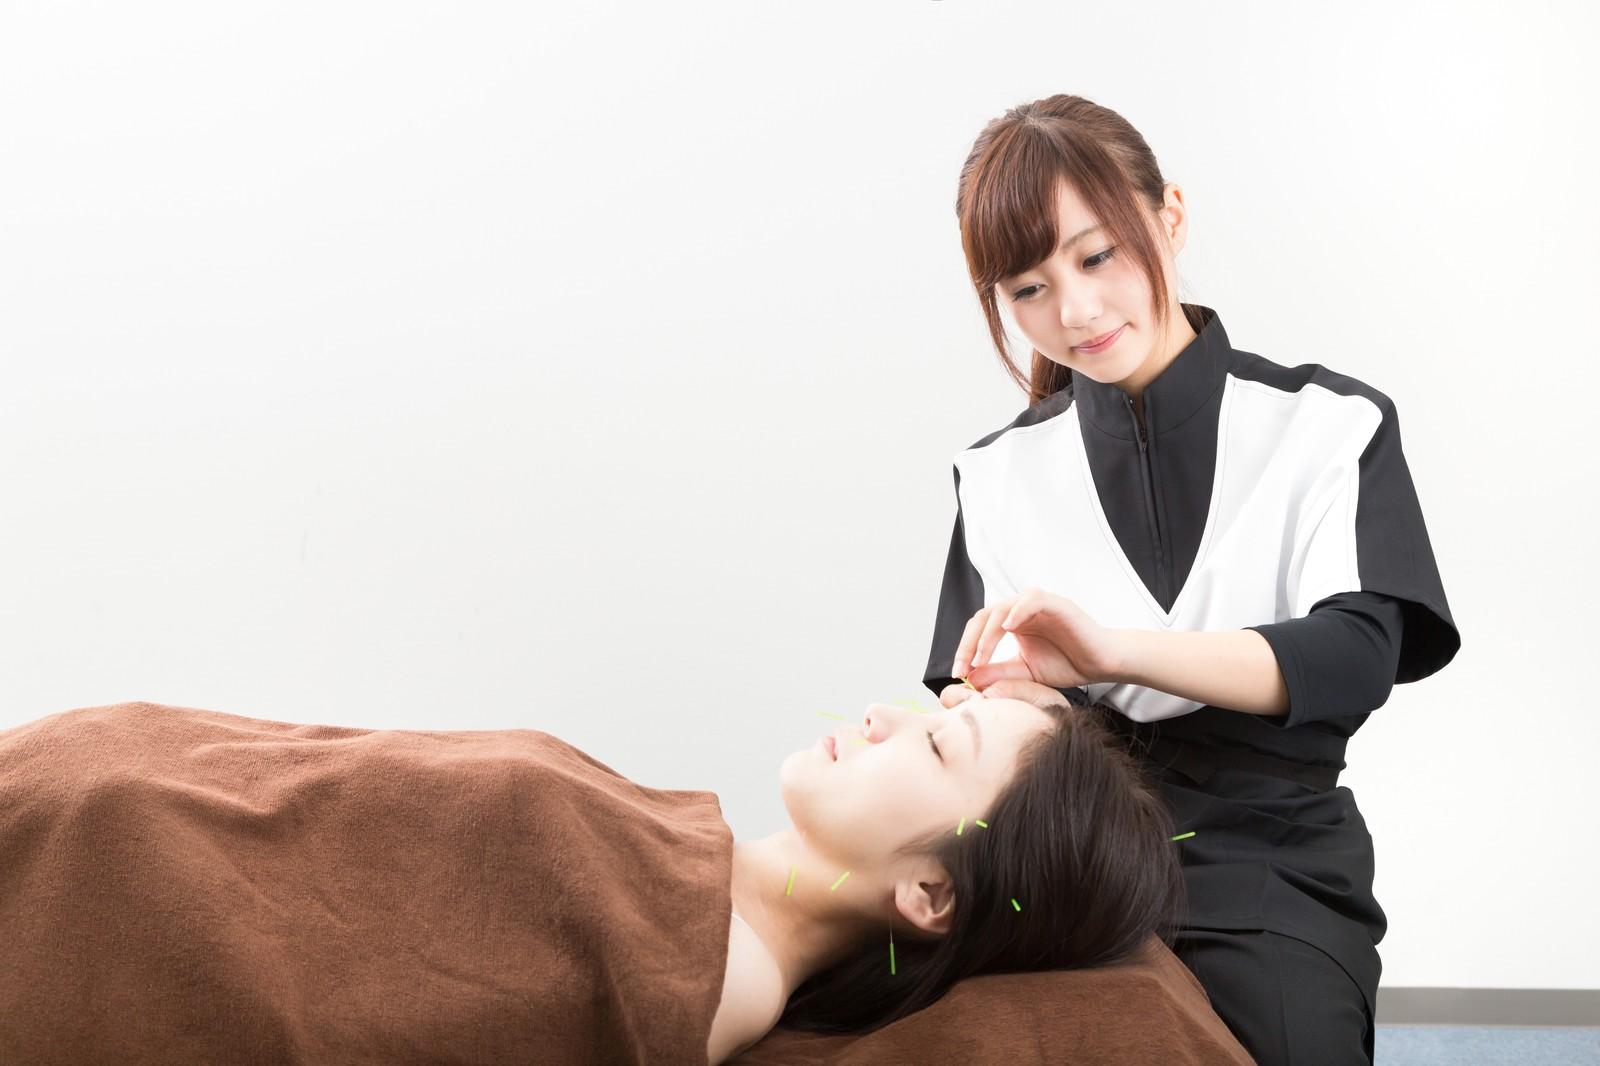 入学→資格取得を経て美容鍼灸師へ